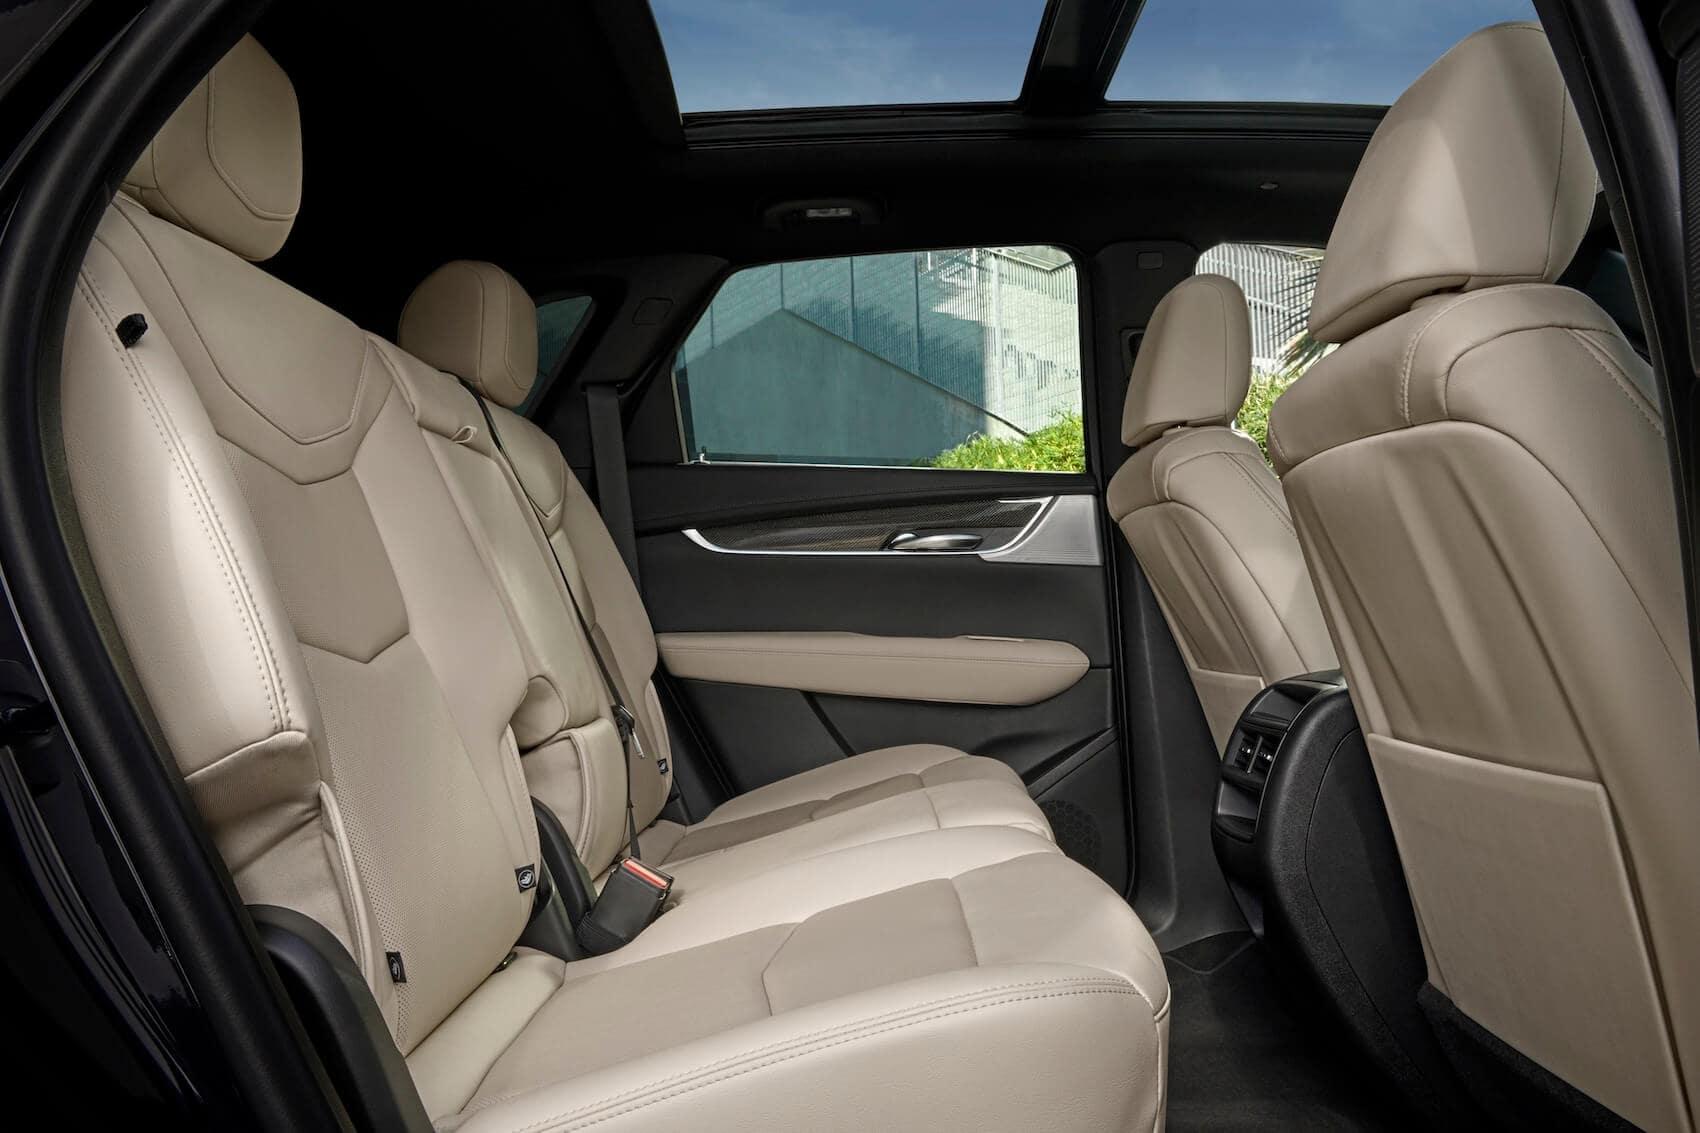 Cadillac XT5 Seating